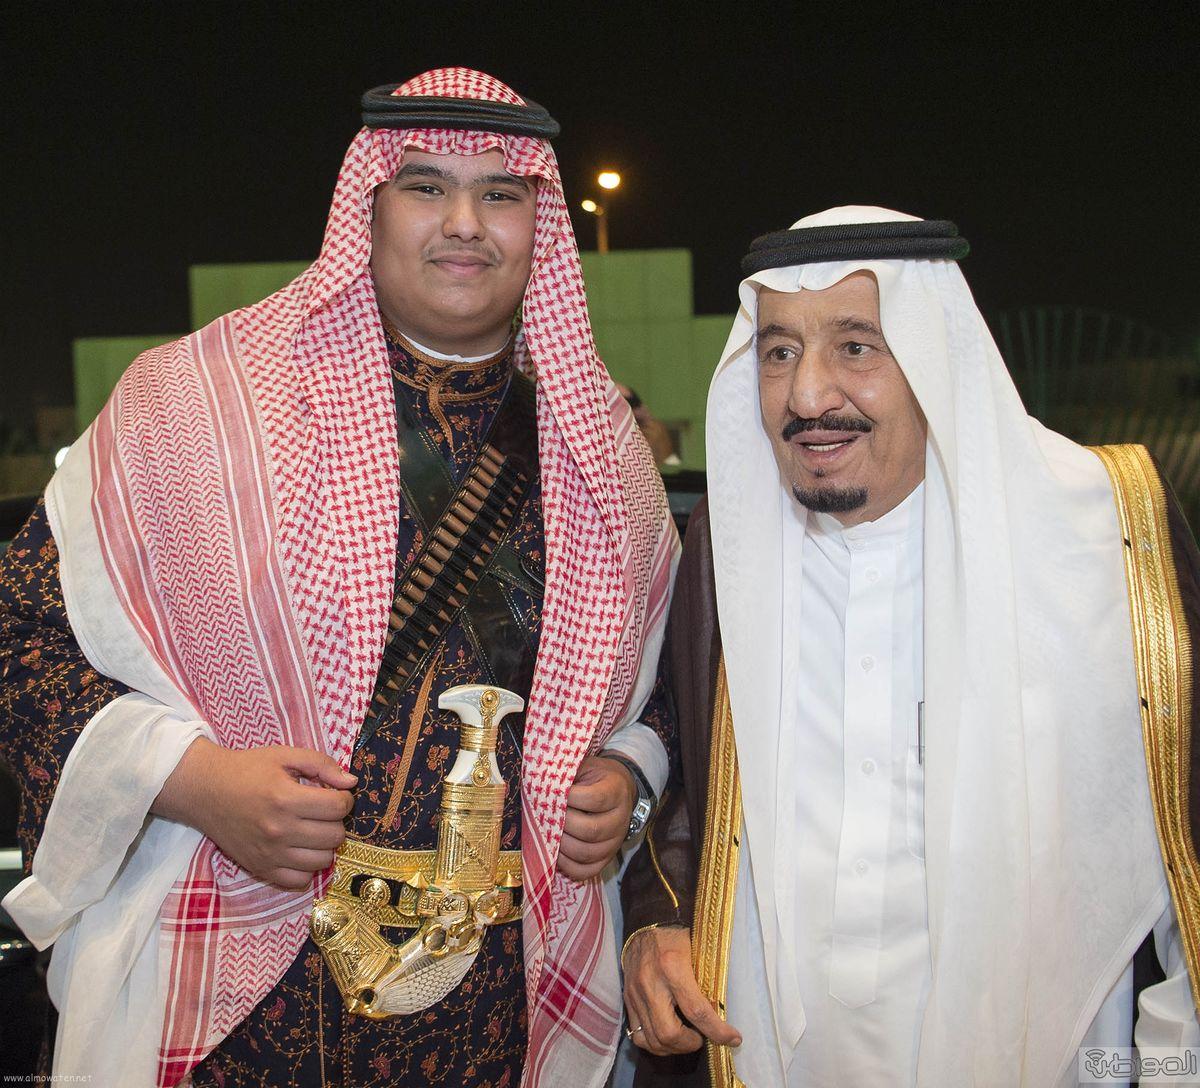 راكان بن سلمان بن عبد العزيز آل سعود المعرفة